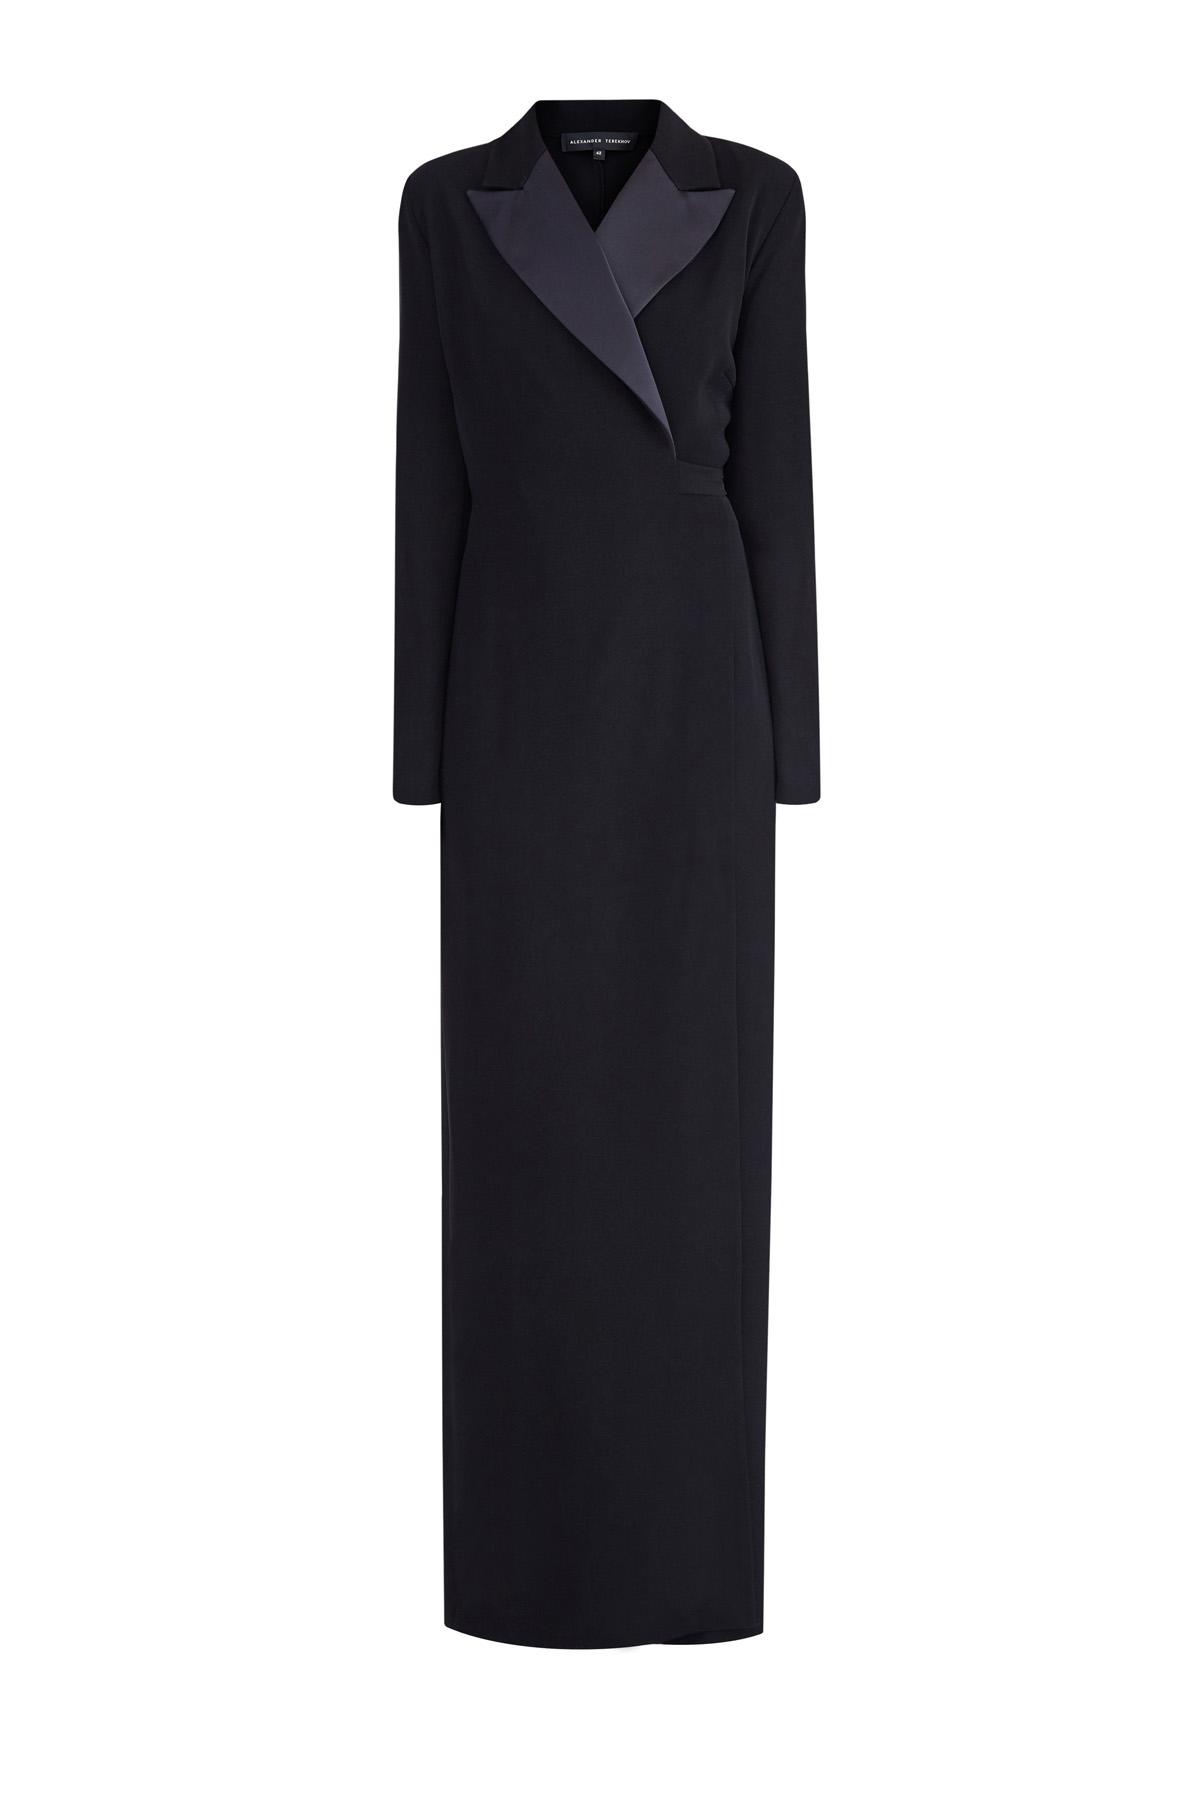 Купить Длинное платье-смокинг на запах с атласными лацканами, ALEXANDER TEREKHOV, Россия, полиэстер 100%